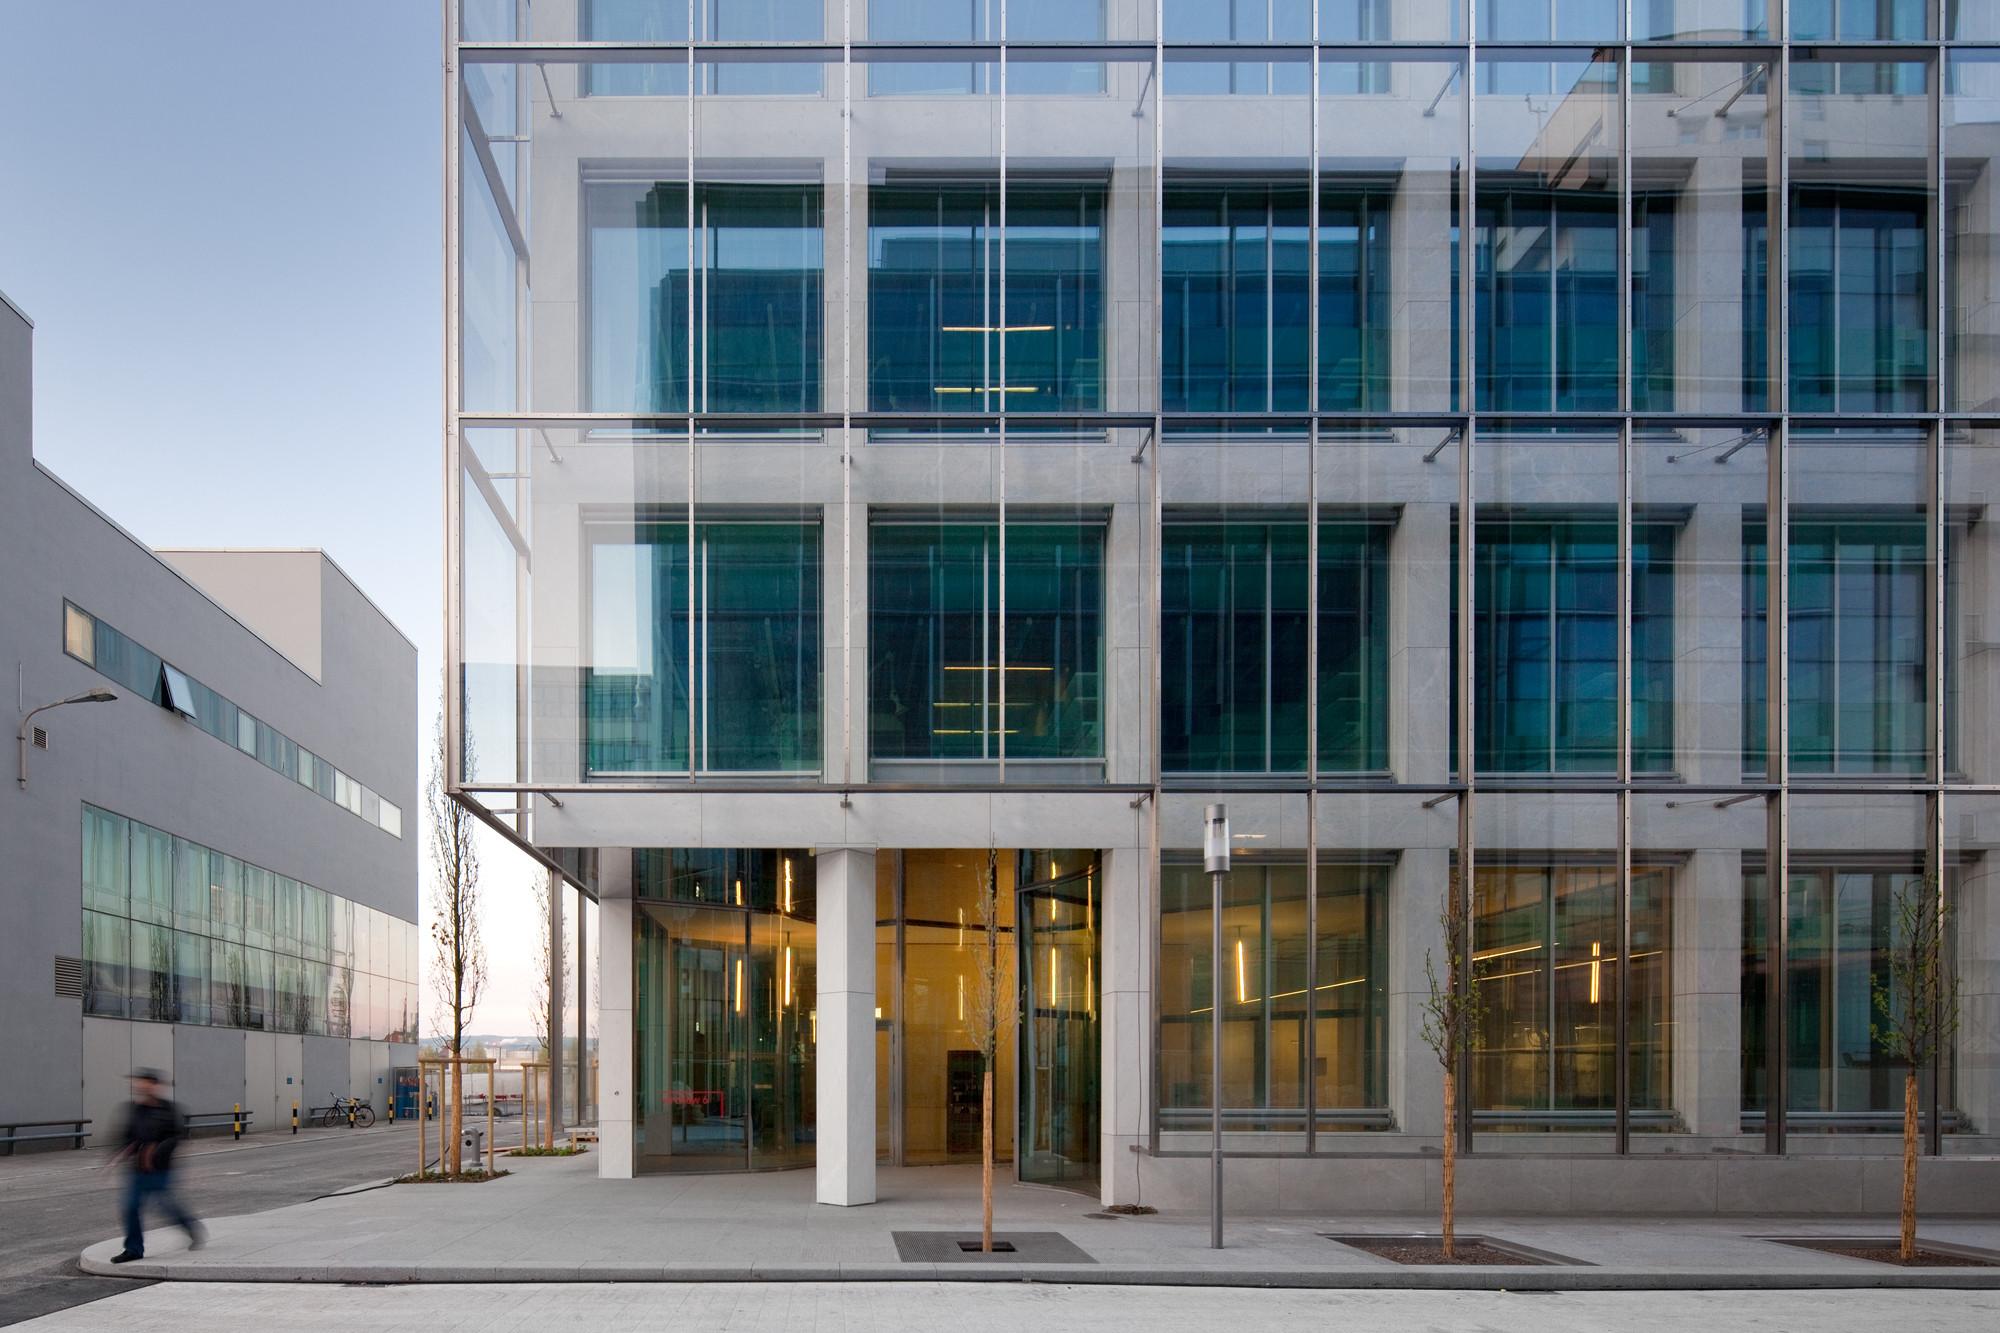 Edifício de Escritórios | Novartis Campus - 2012. Image © Fernando Guerra | FG+SG